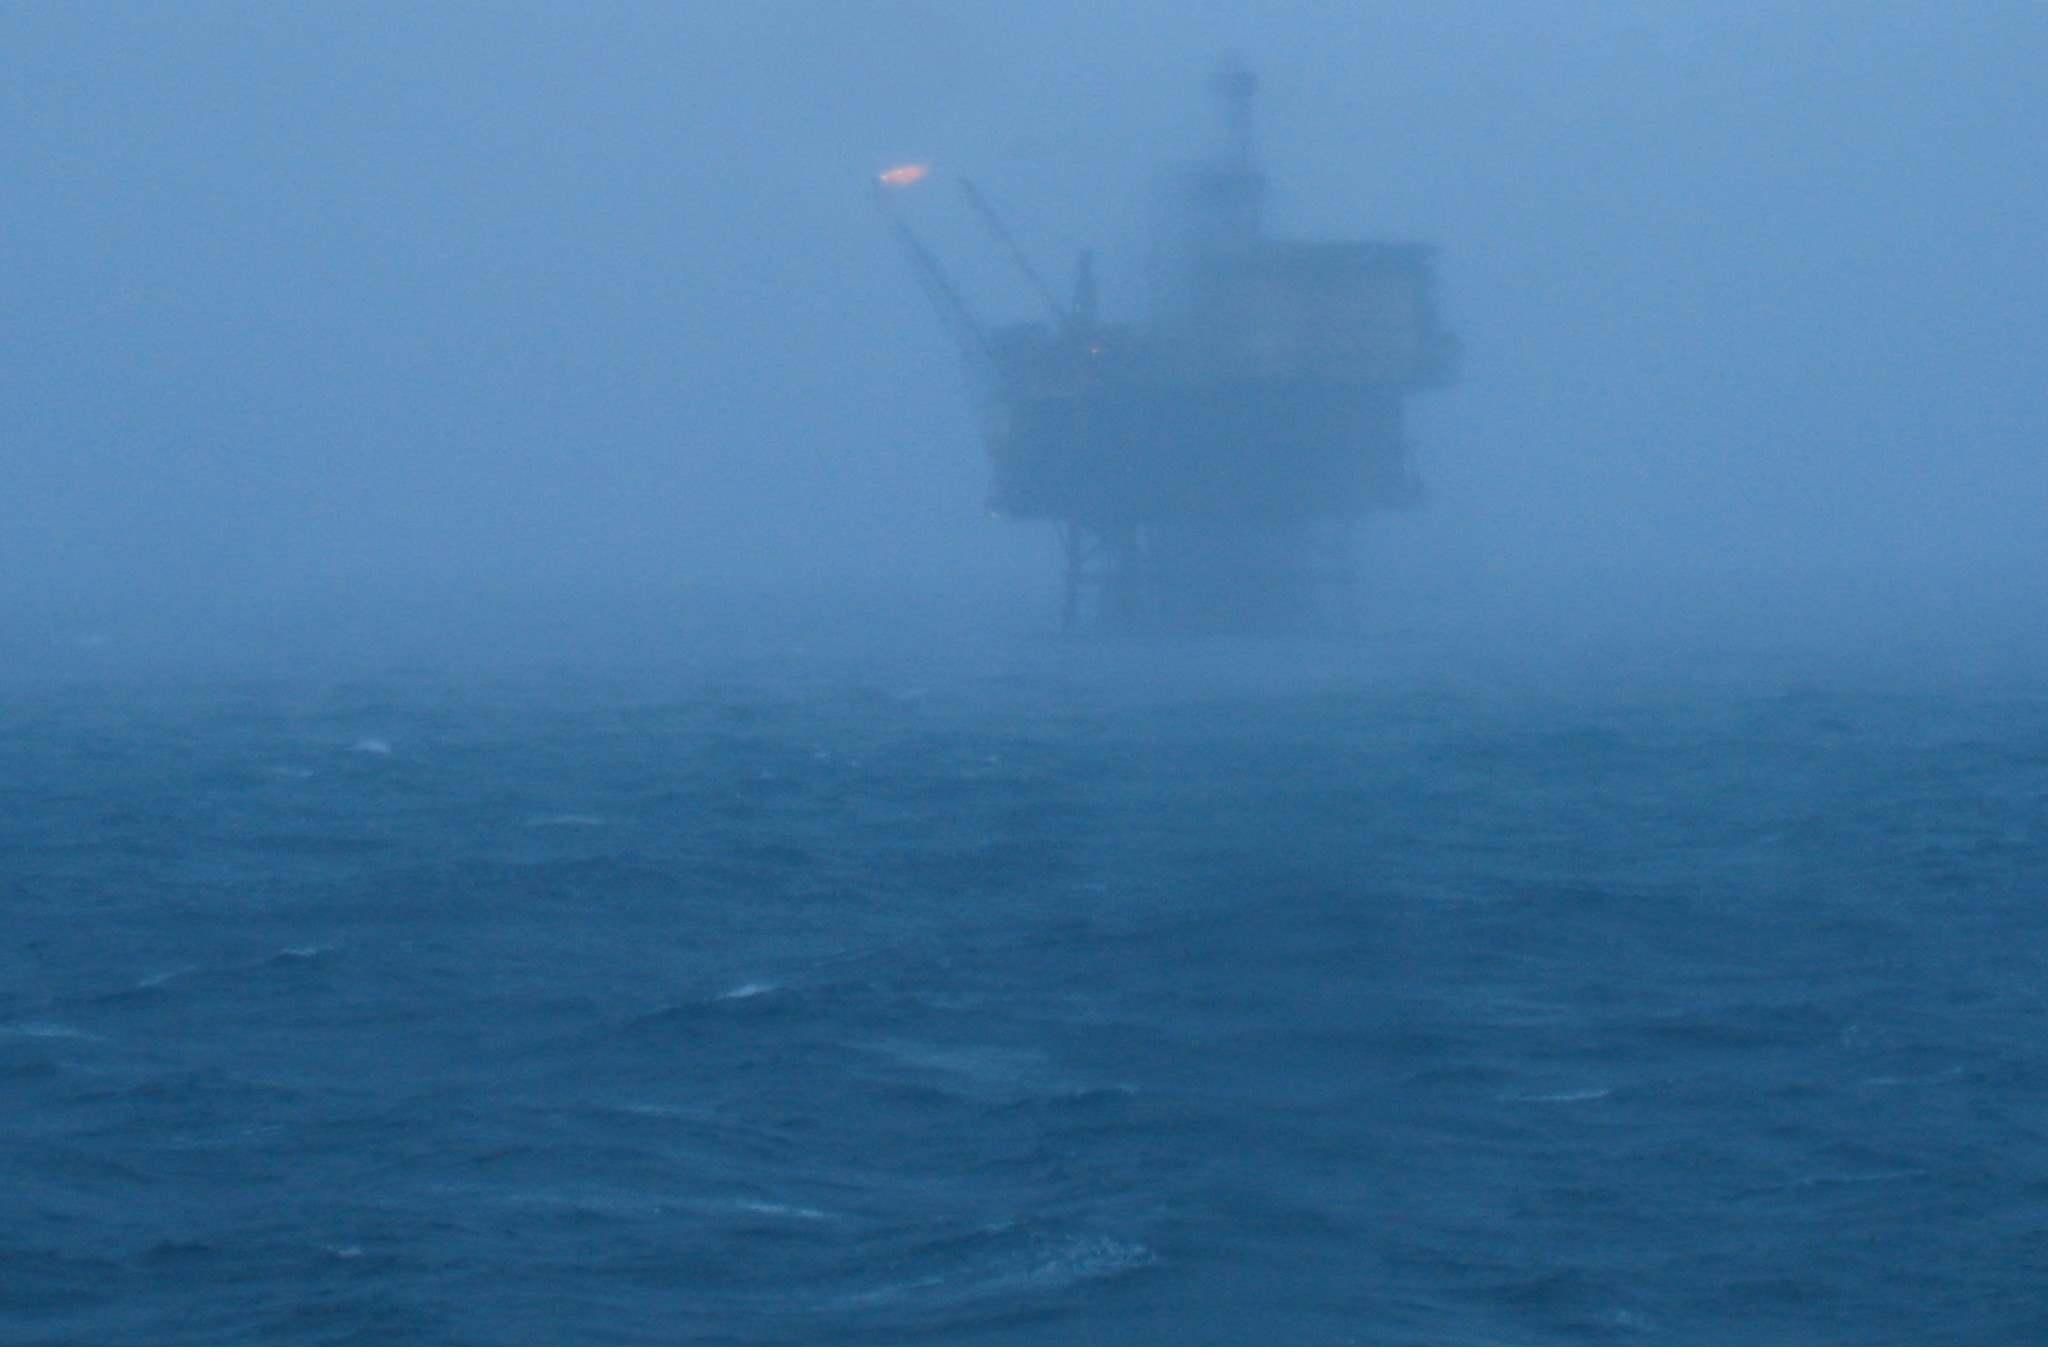 Glem oljeprisen! Kan bedriften redde seg med digital markedsstrategi?